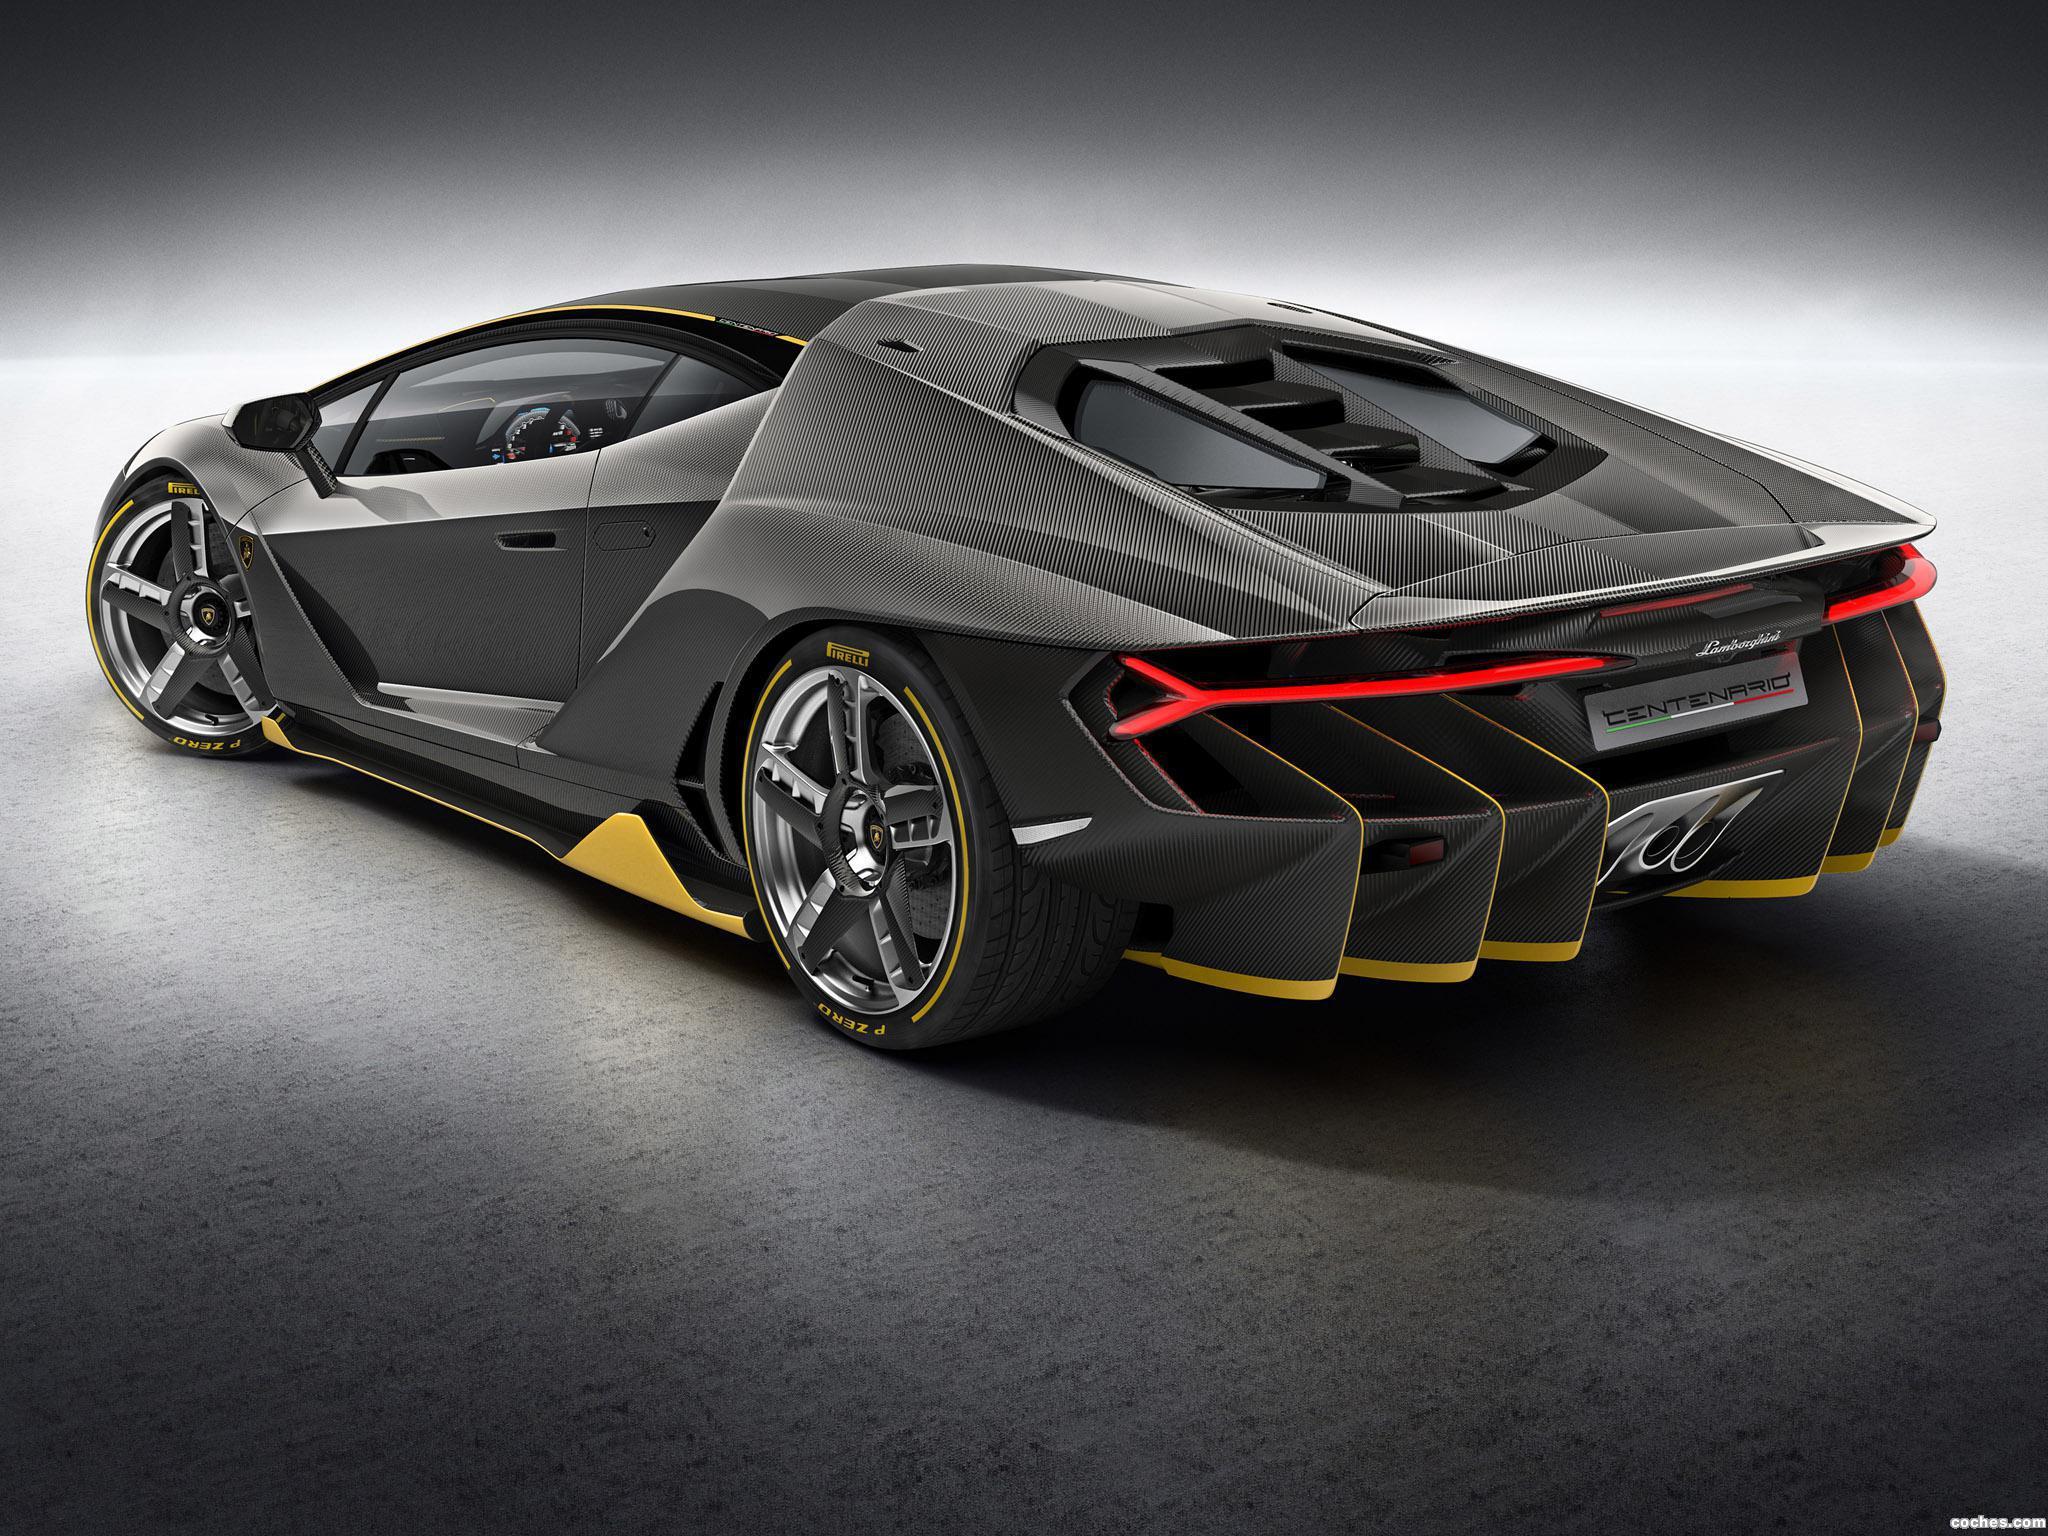 Foto 6 de Lamborghini Centenario Coupe 2016